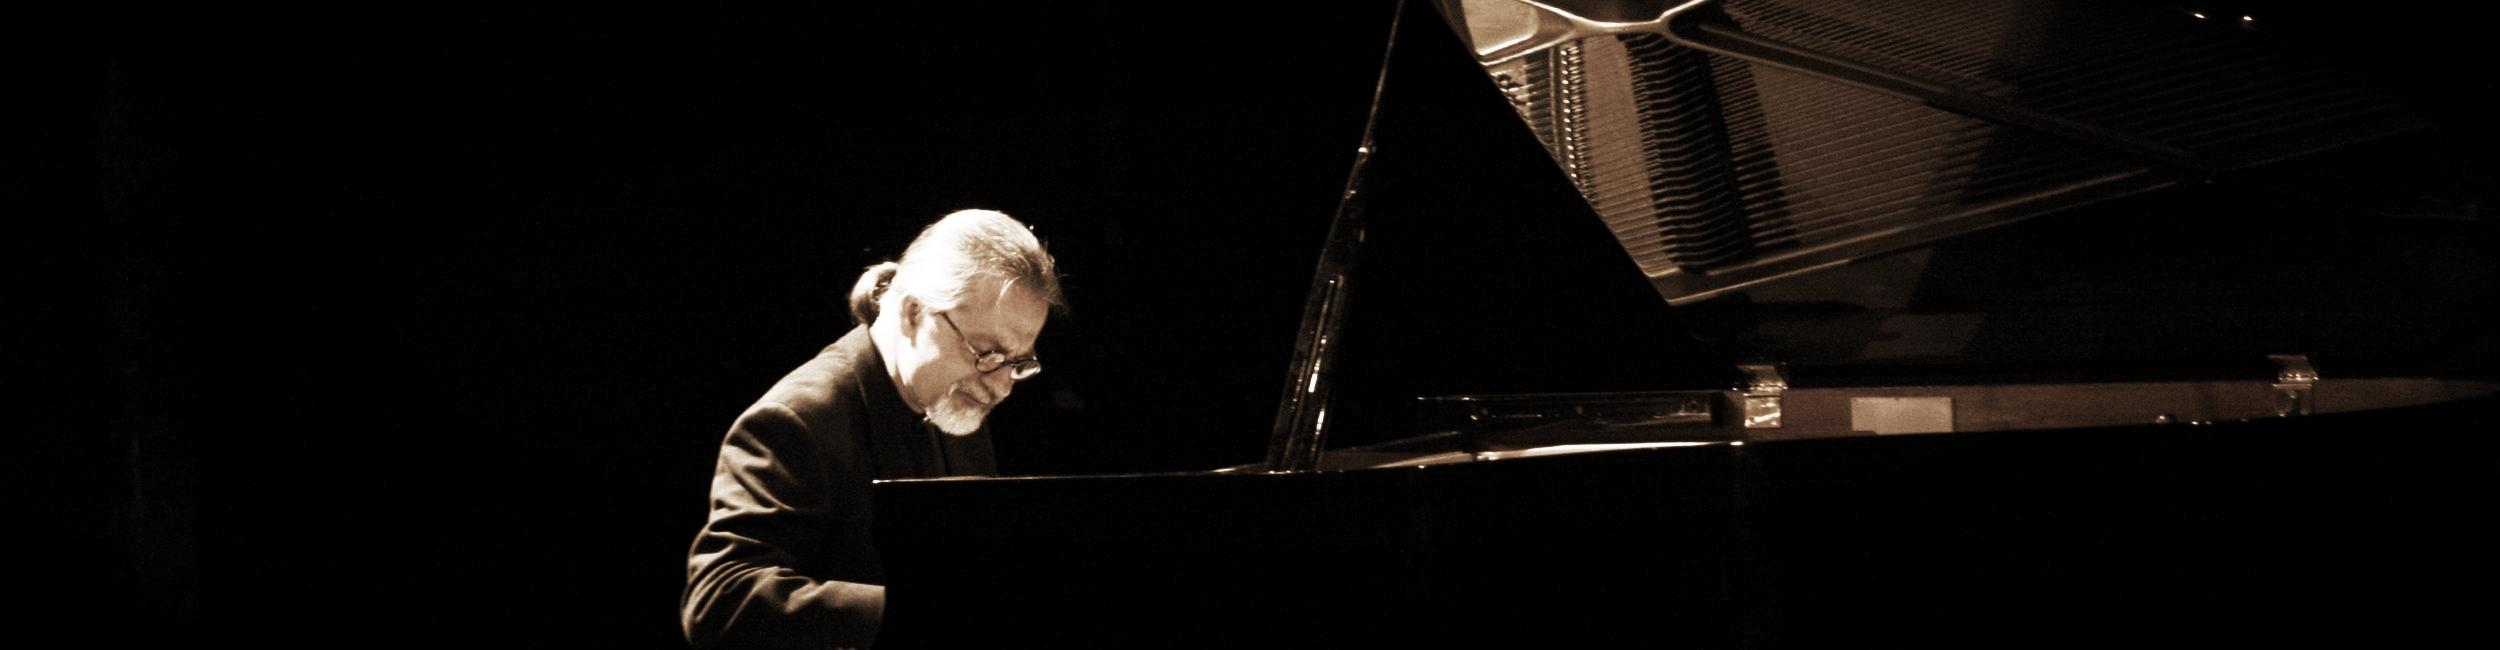 jazz+pianist+in+concert.jpeg